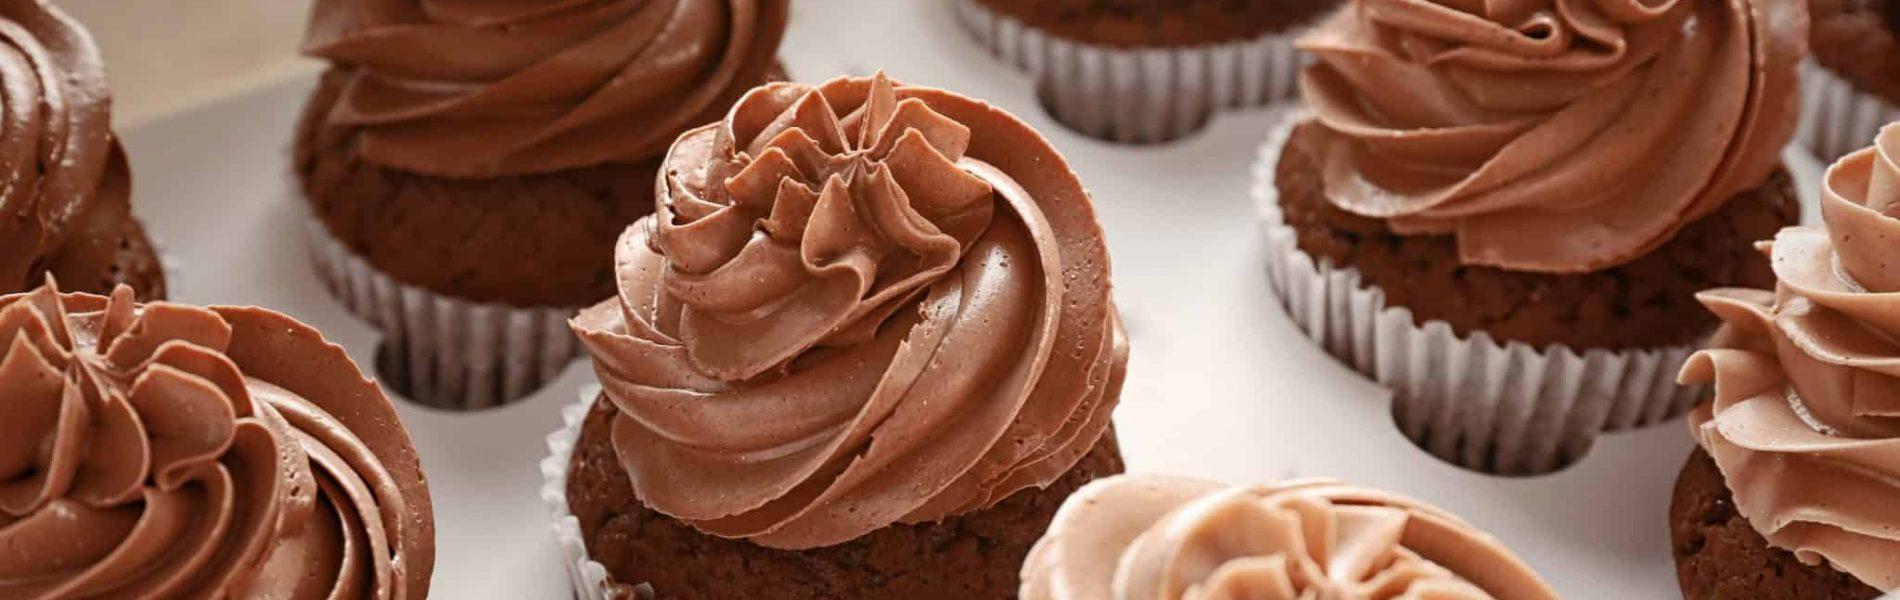 מתכון לקאפקייקס שוקולד